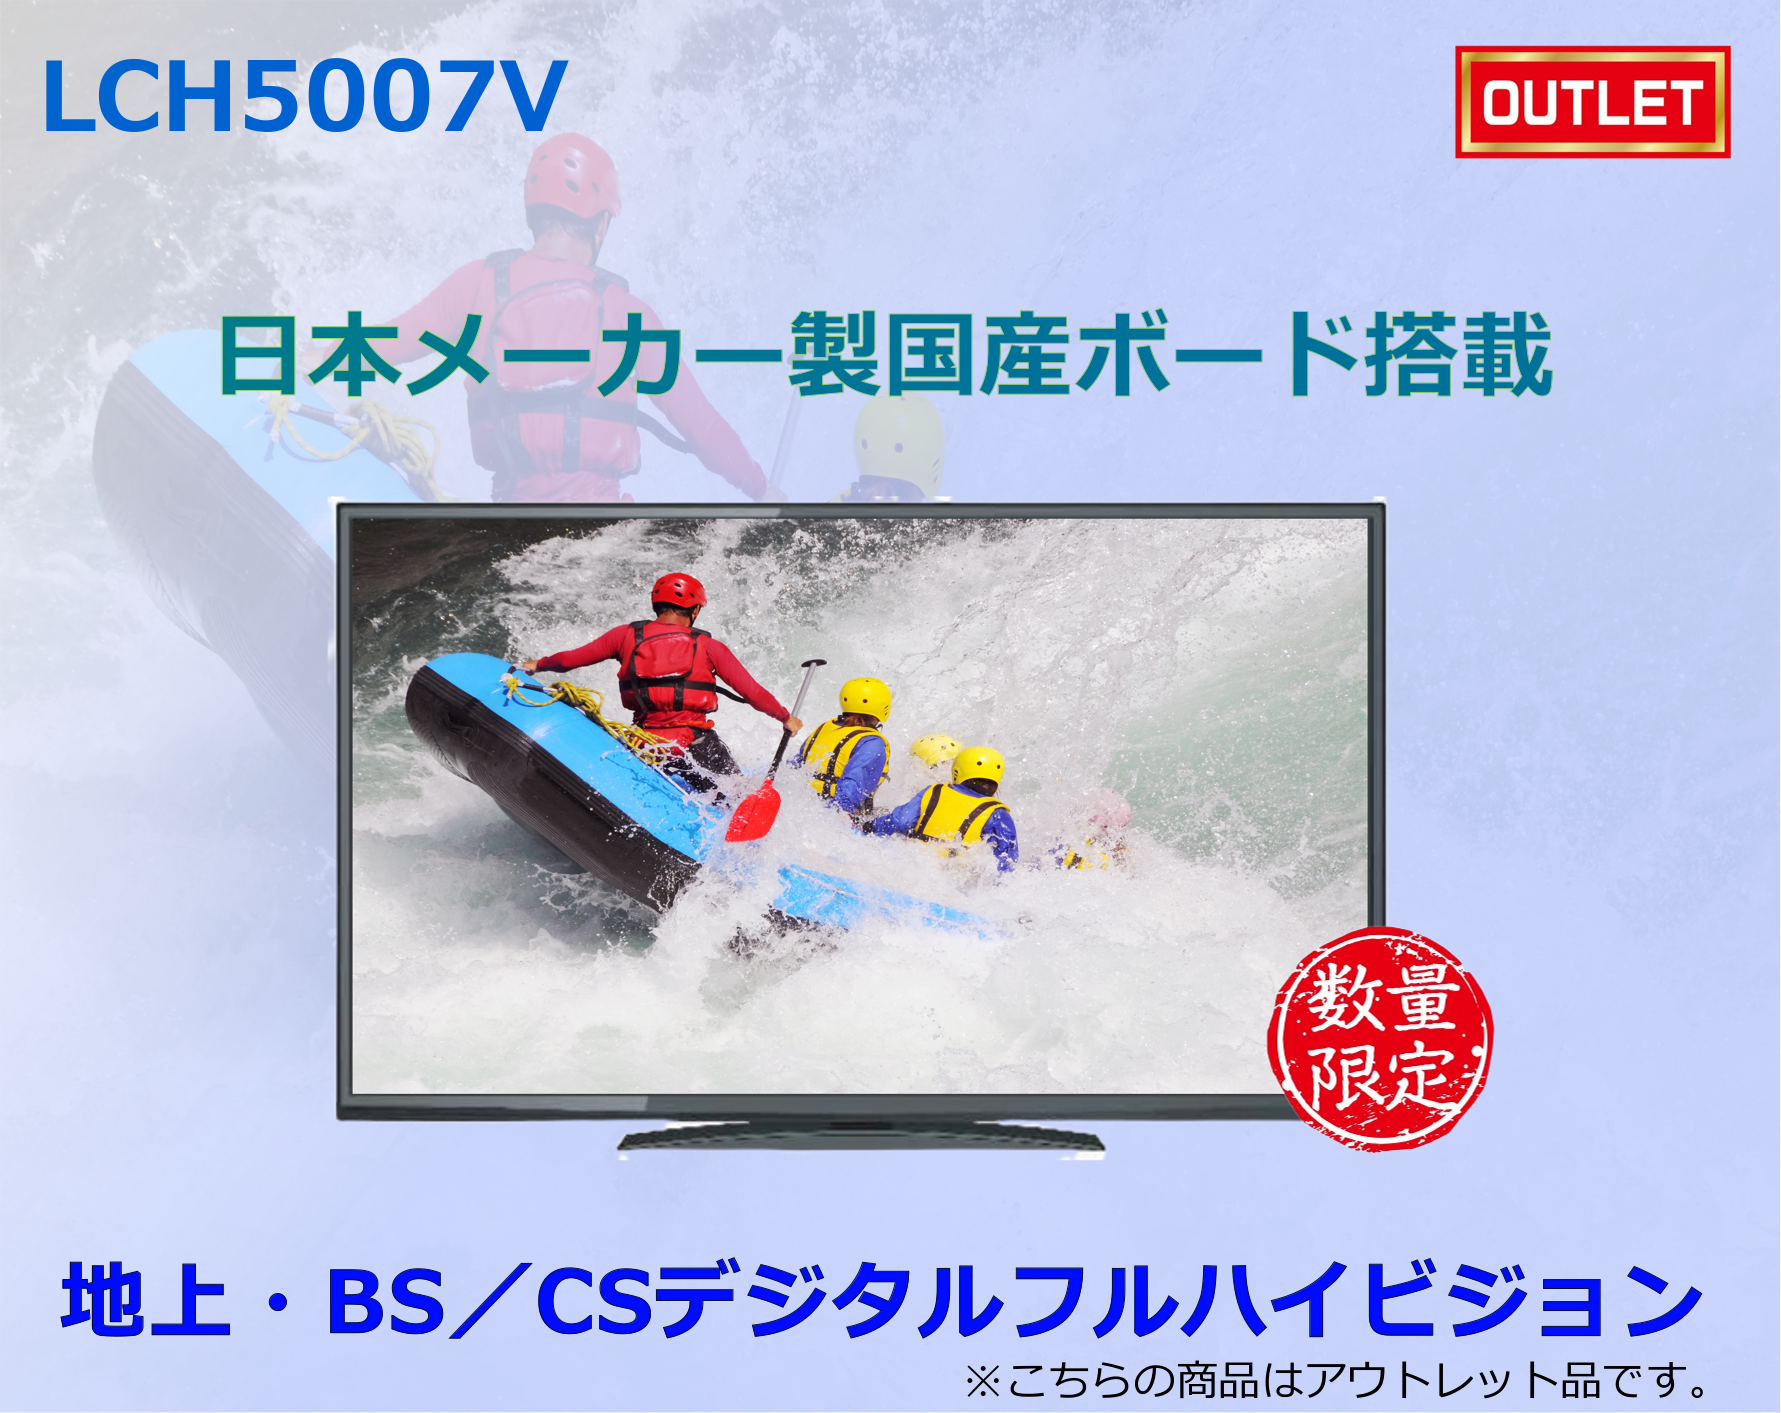 フルハイビジョン液晶テレビ LCH5007V (50V型)画像